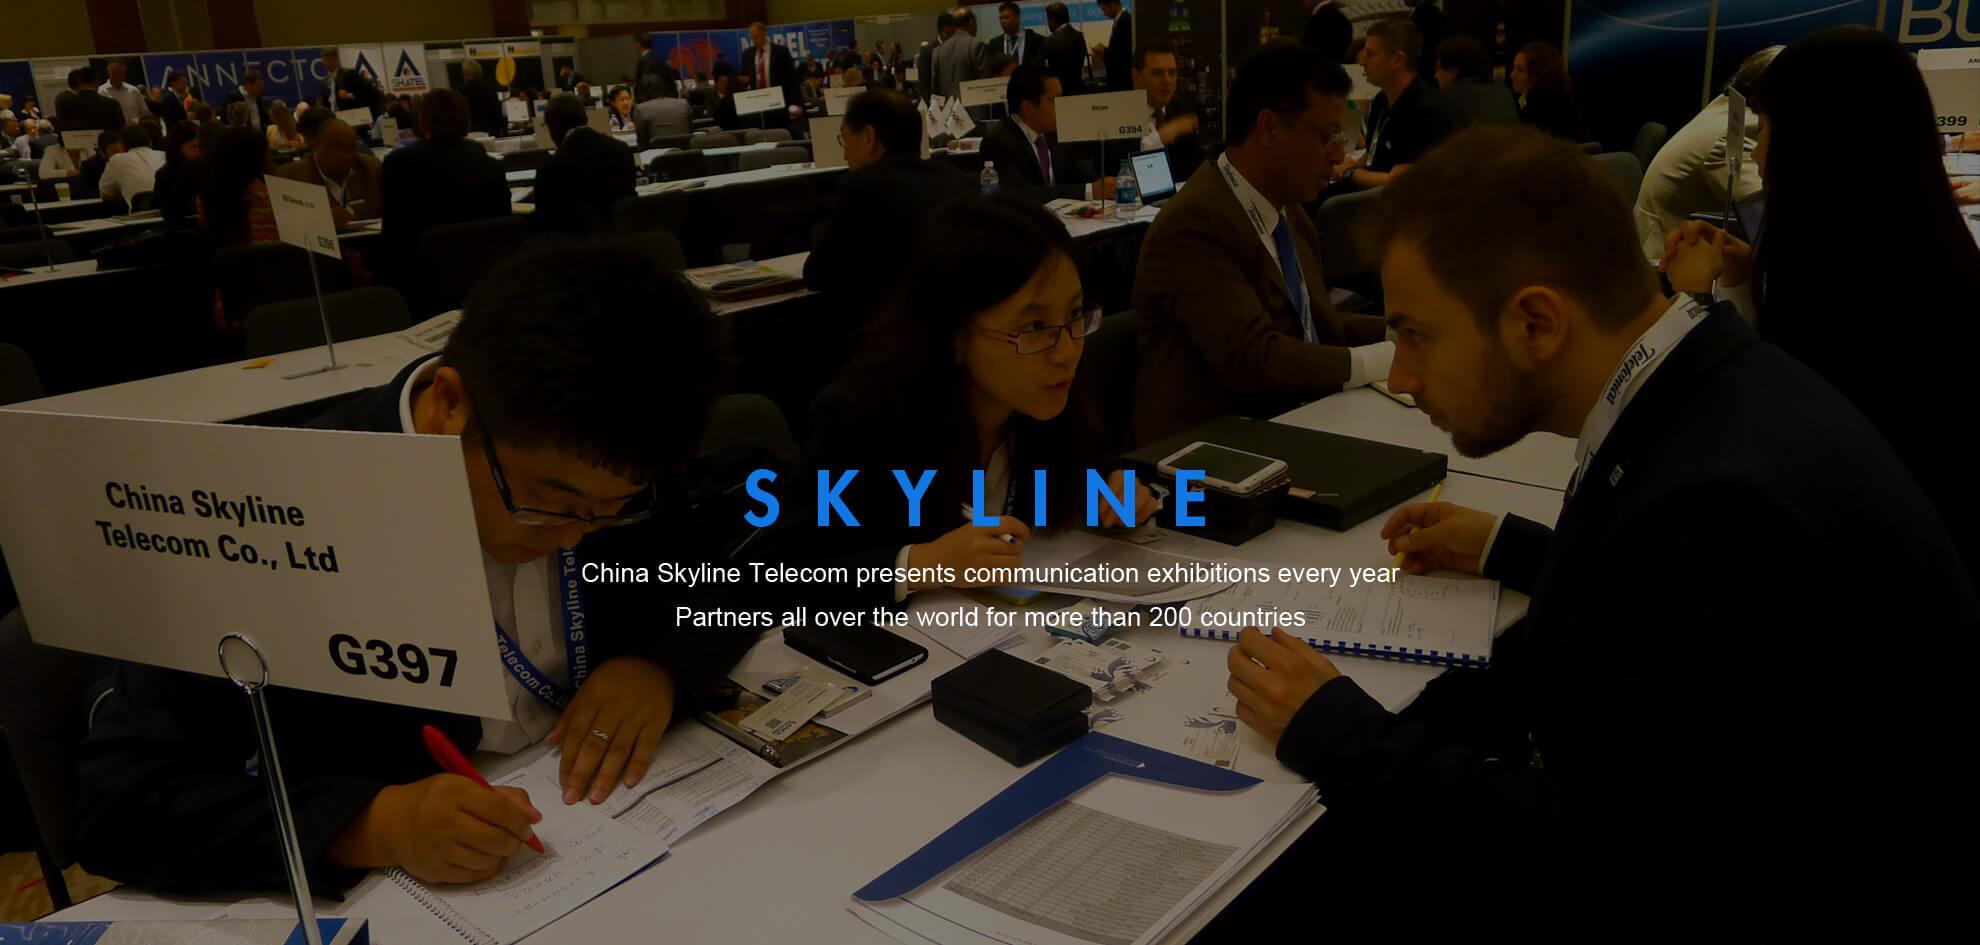 China Skyline Telecom